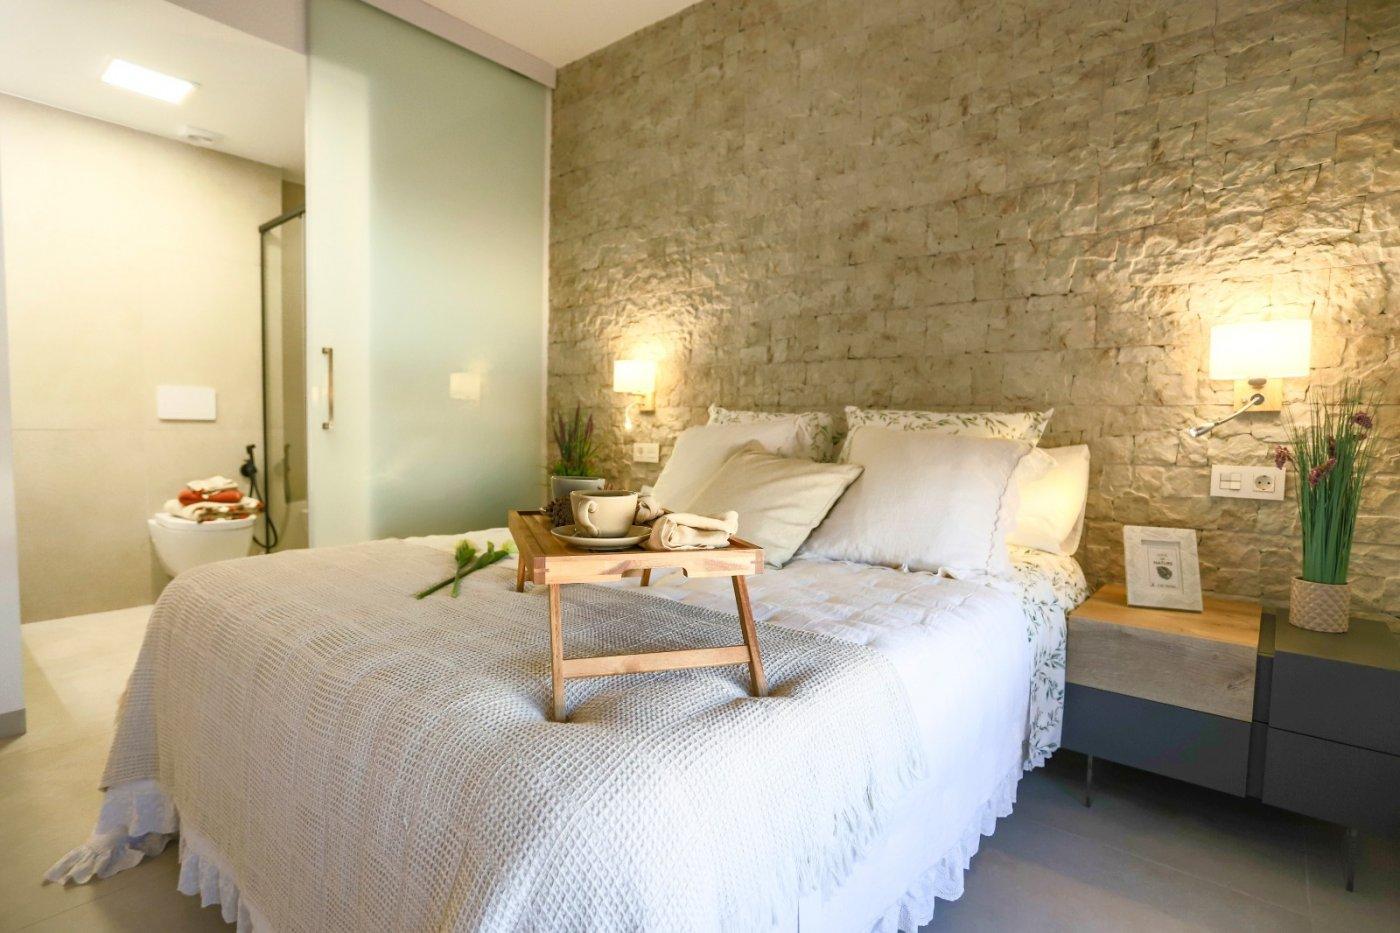 Apartamento moderno en san pedro del pinatar - imagenInmueble13